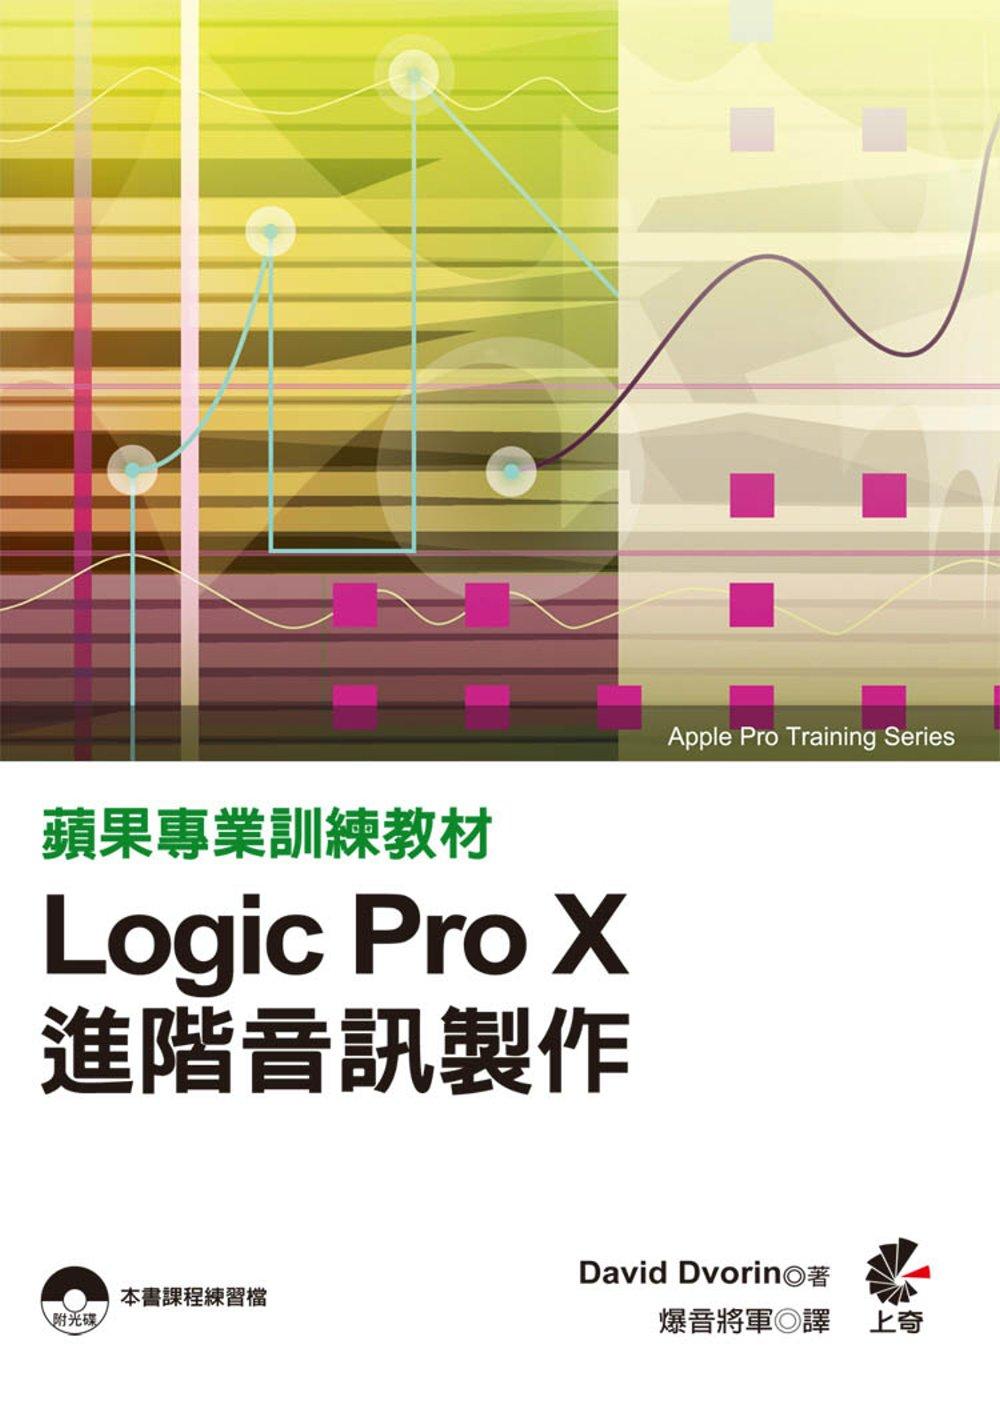 蘋果專業訓練教材:Logic Pro X進階音訊製作